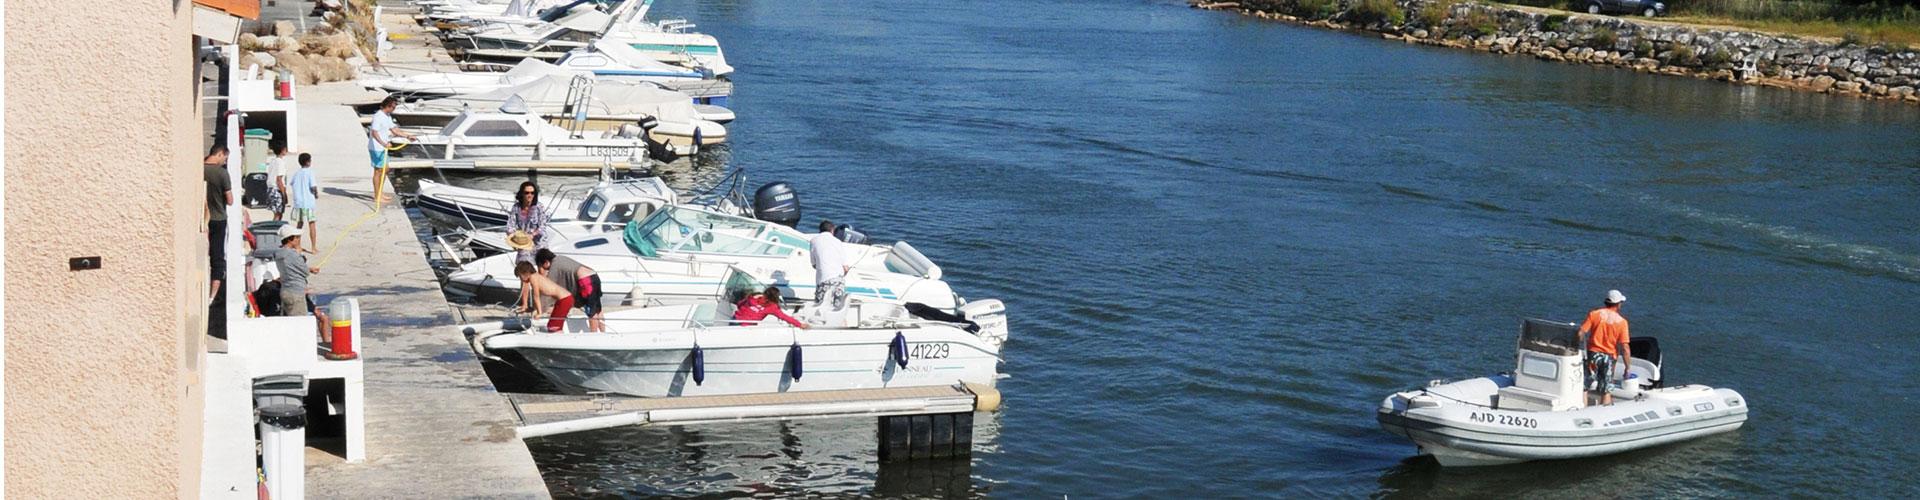 gaport port à flots hyères (83)